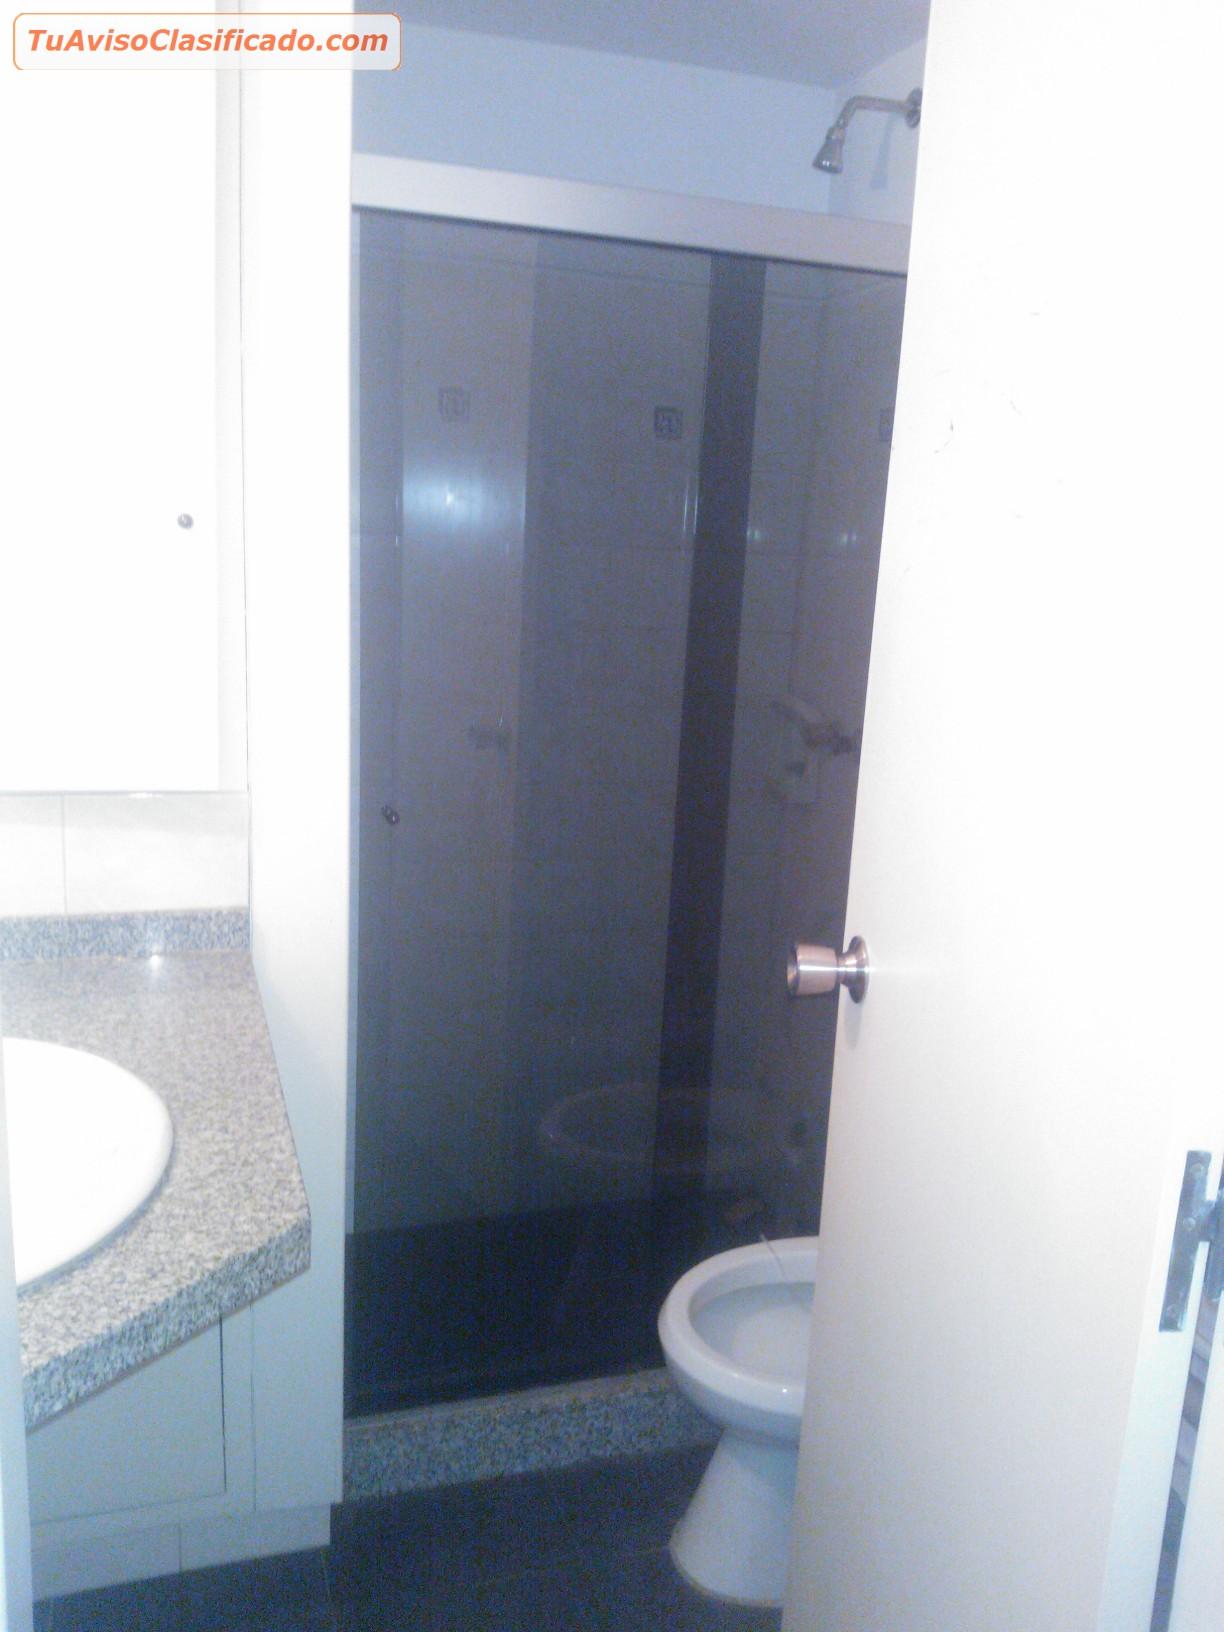 Apartamento 2 dormitorios en alquiler inmuebles y propiedades g - Apartamentos en benasque alquiler ...